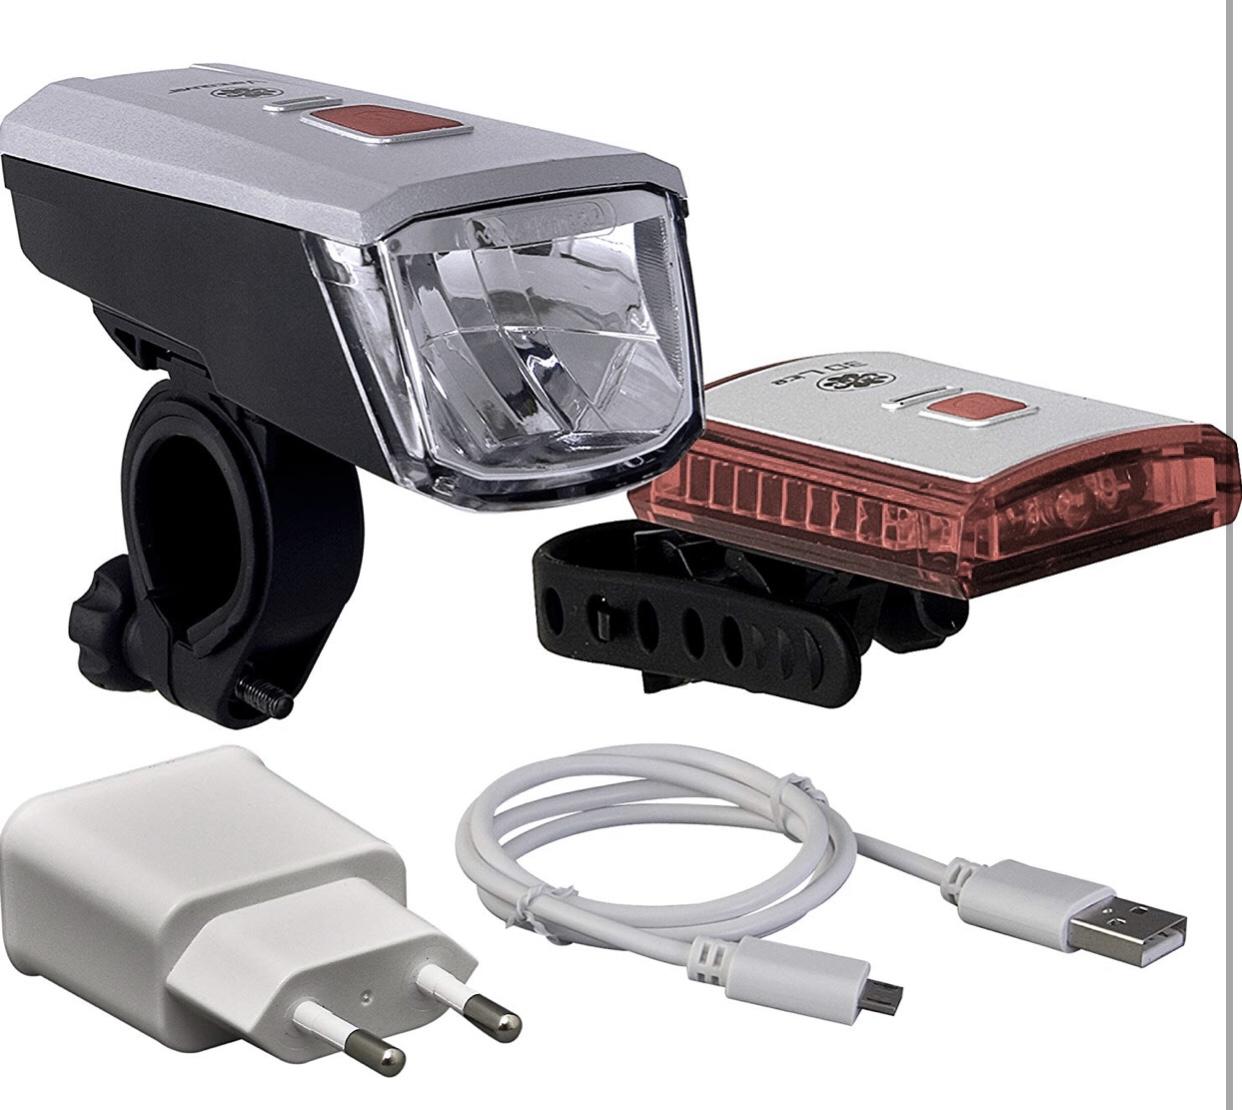 Büchel Batterieleuchtenset Vancouver mit Li-Ion Akku, 40 Lux, USB Ladegerät, StVZO Zugelassen, silber/schwarz, 51225460